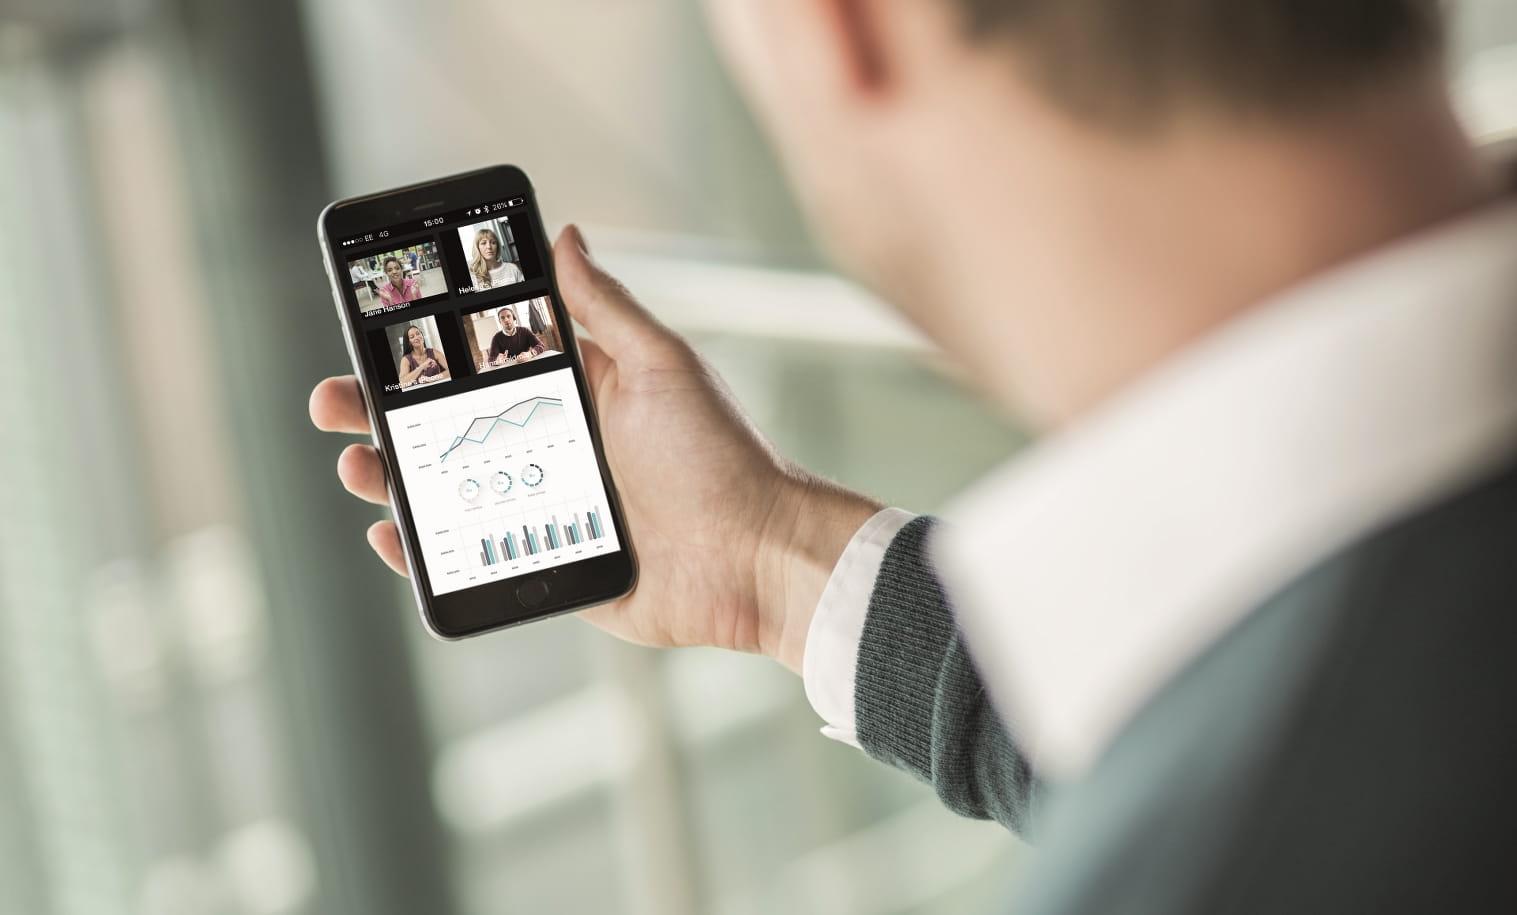 OmniJoin-verkkoneuvotteluun voi osallistua älypuhelimella